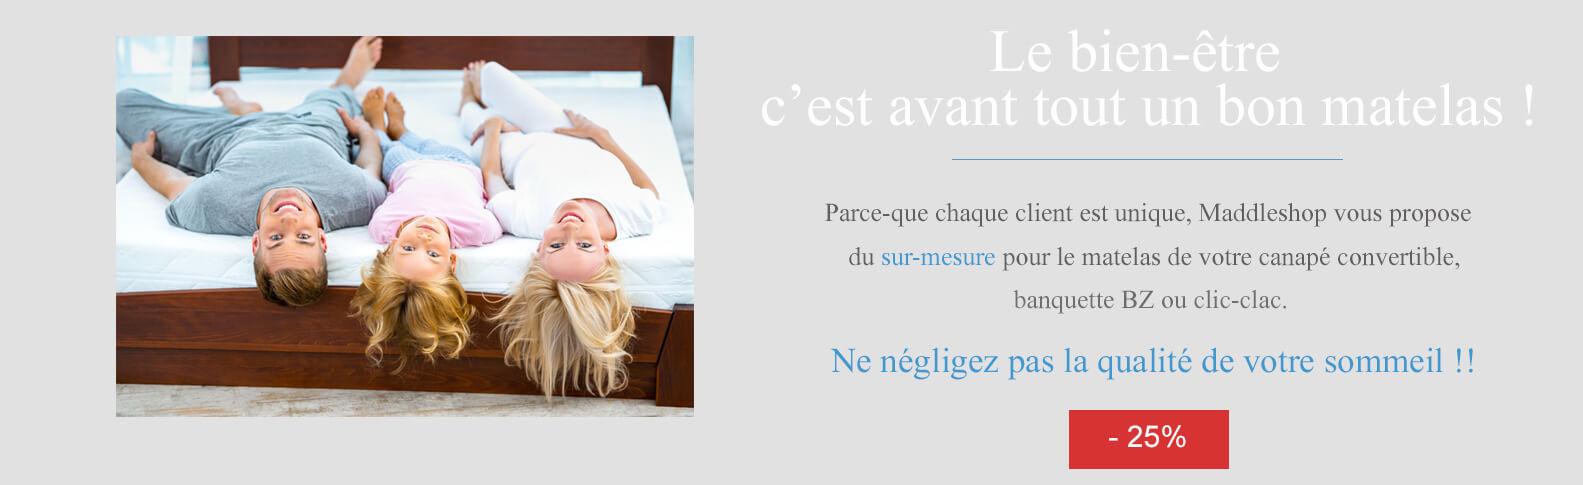 achetez votre matelas bz clic clac au meilleur prix. Black Bedroom Furniture Sets. Home Design Ideas